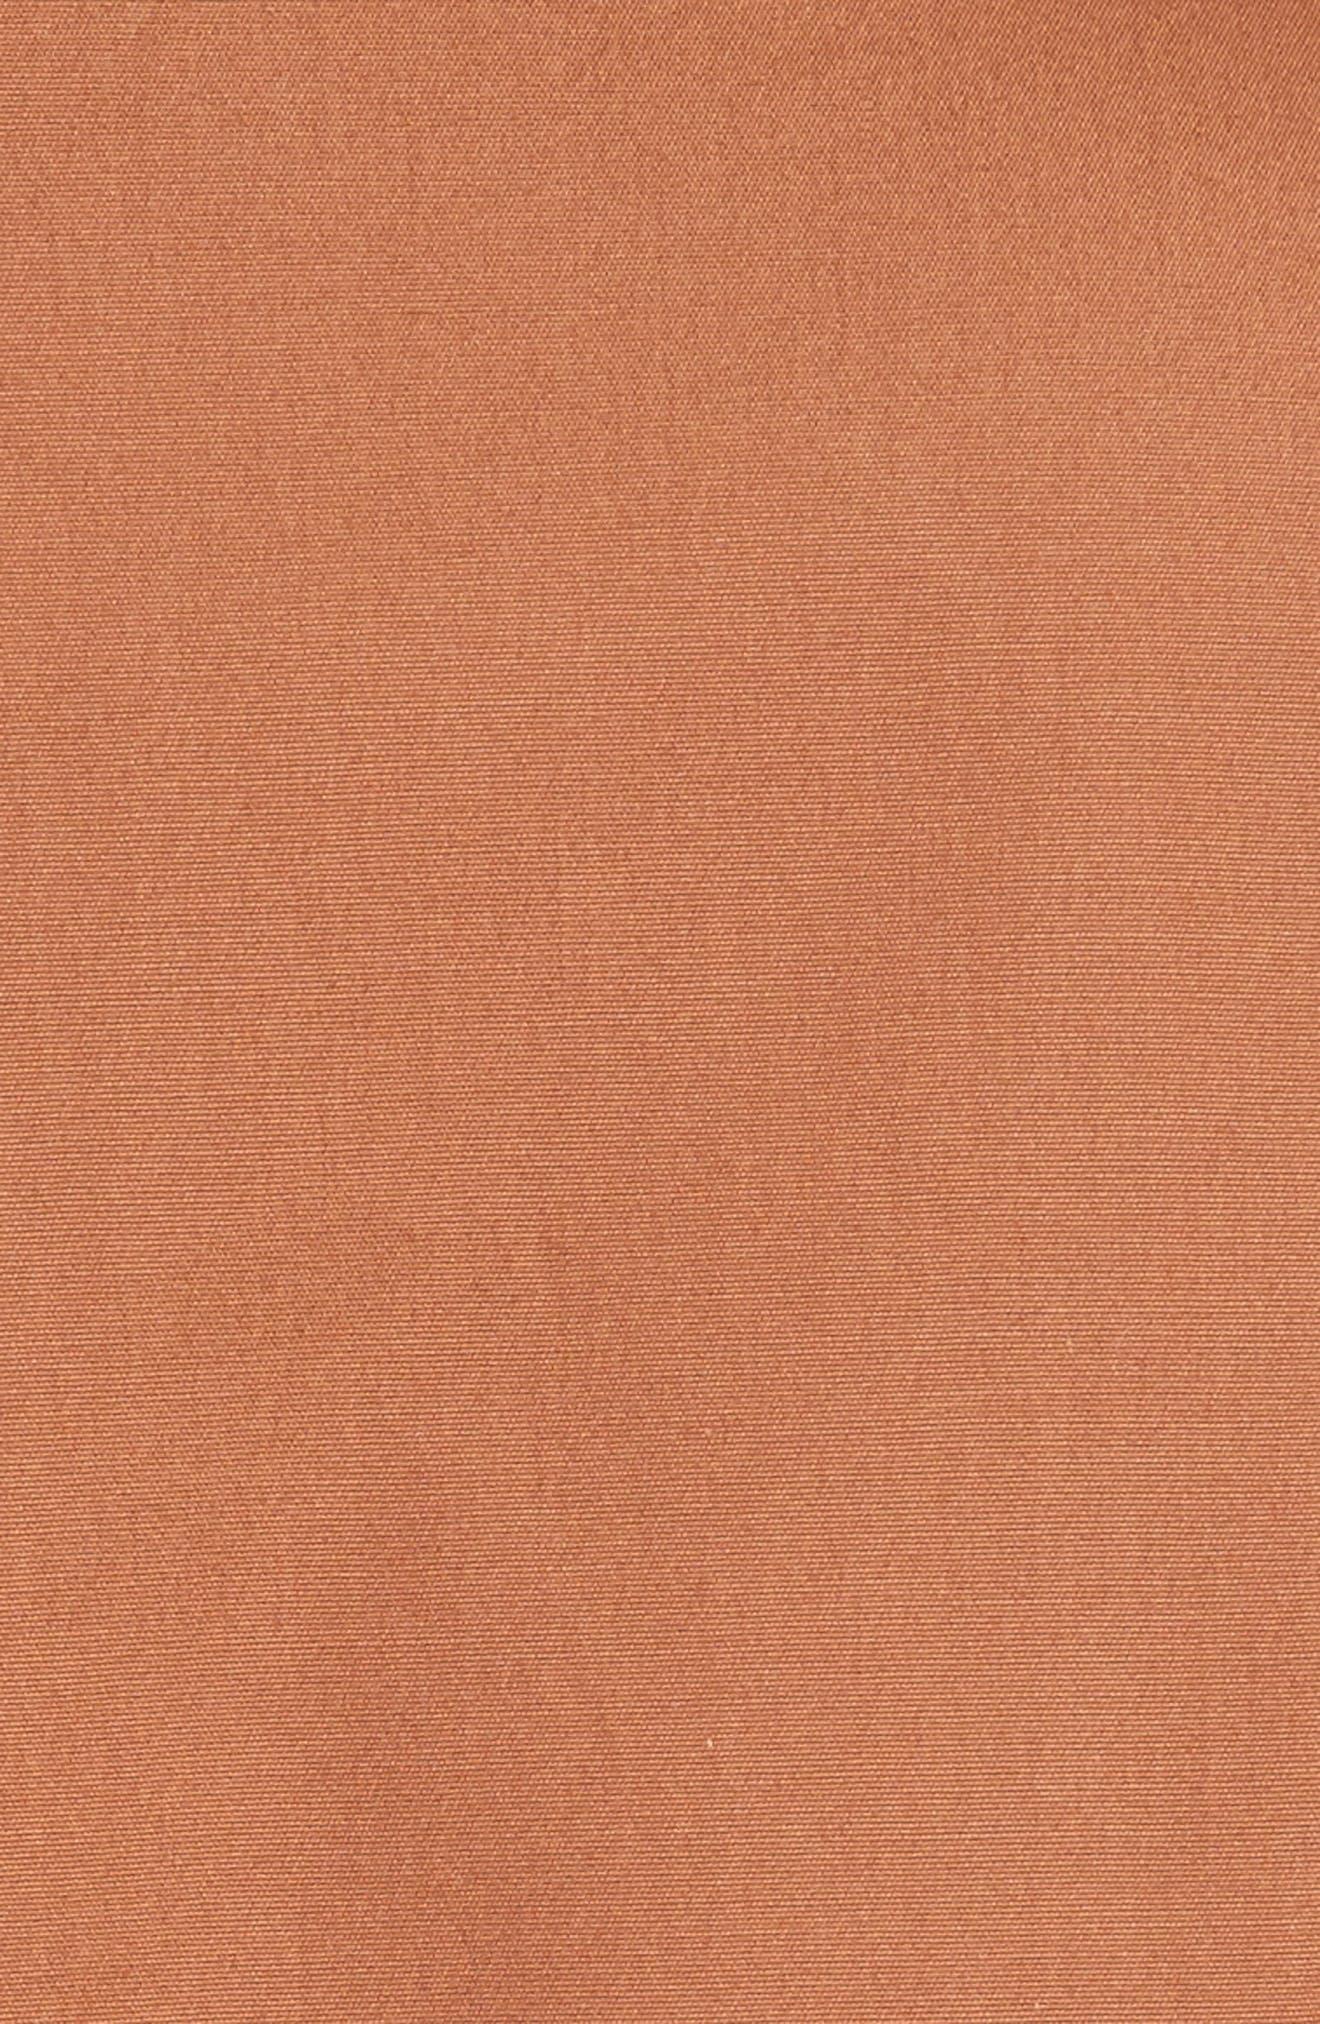 Truffaut Bell Sleeve Top,                             Alternate thumbnail 5, color,                             Desert Sand